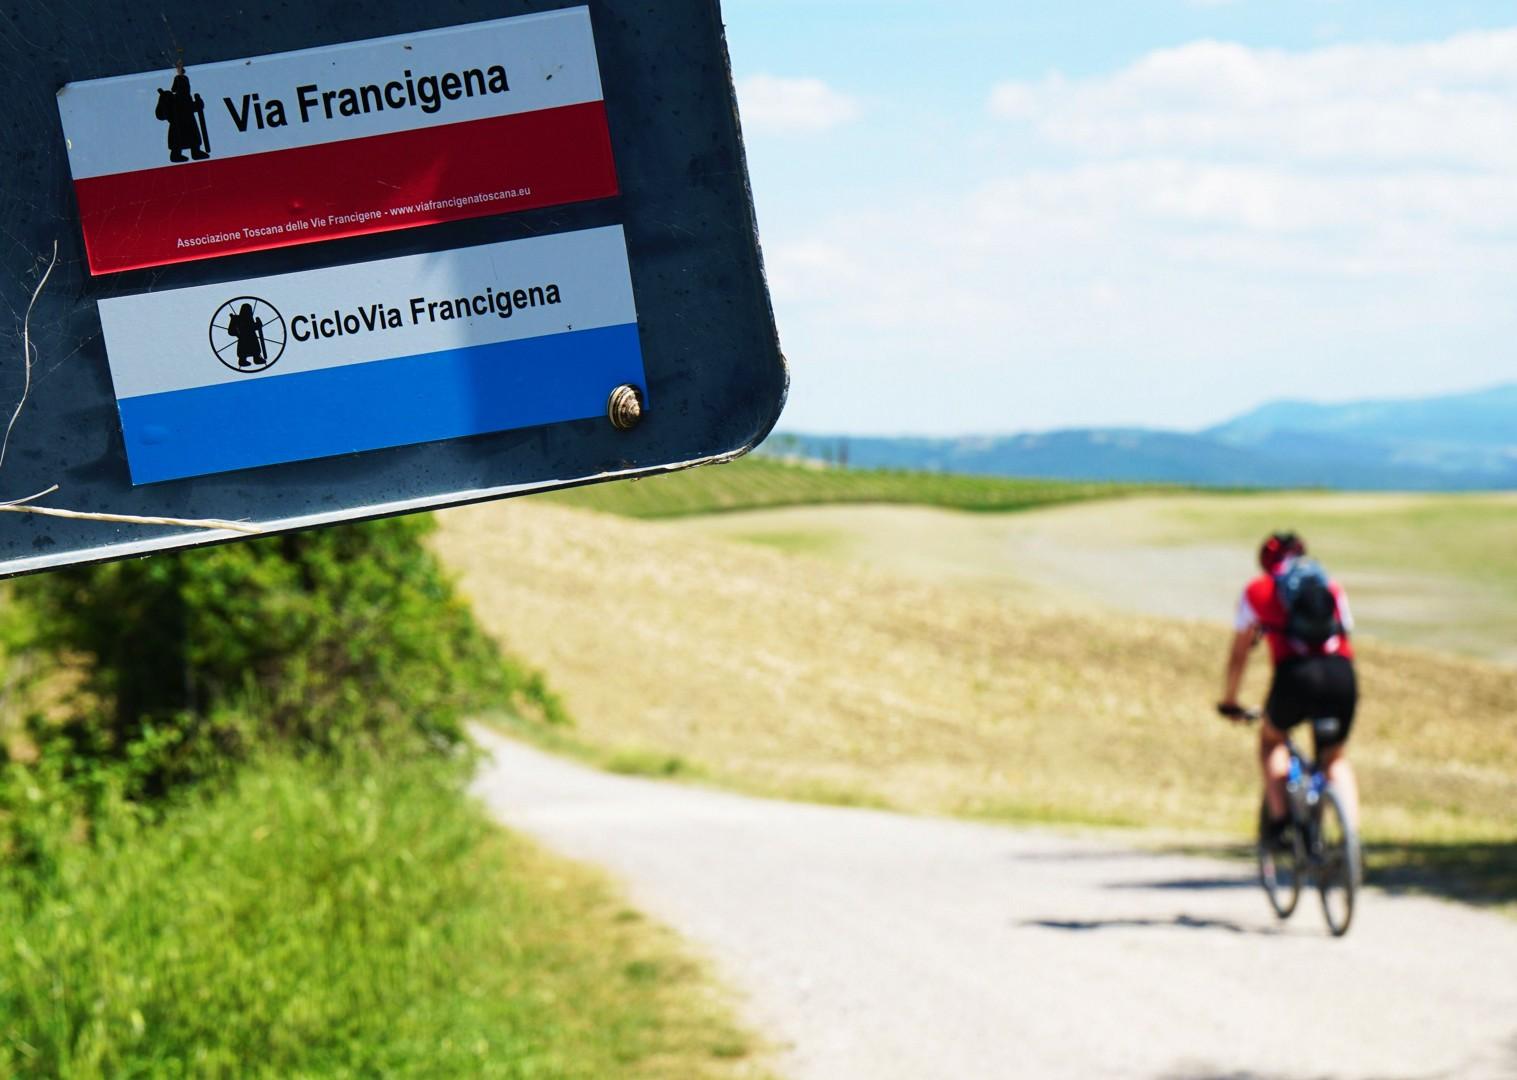 _Holiday.863.18910.jpg - Italy - Via Francigena (Tuscany to Rome) - Guided Mountain Biking Holiday - Italia Mountain Biking